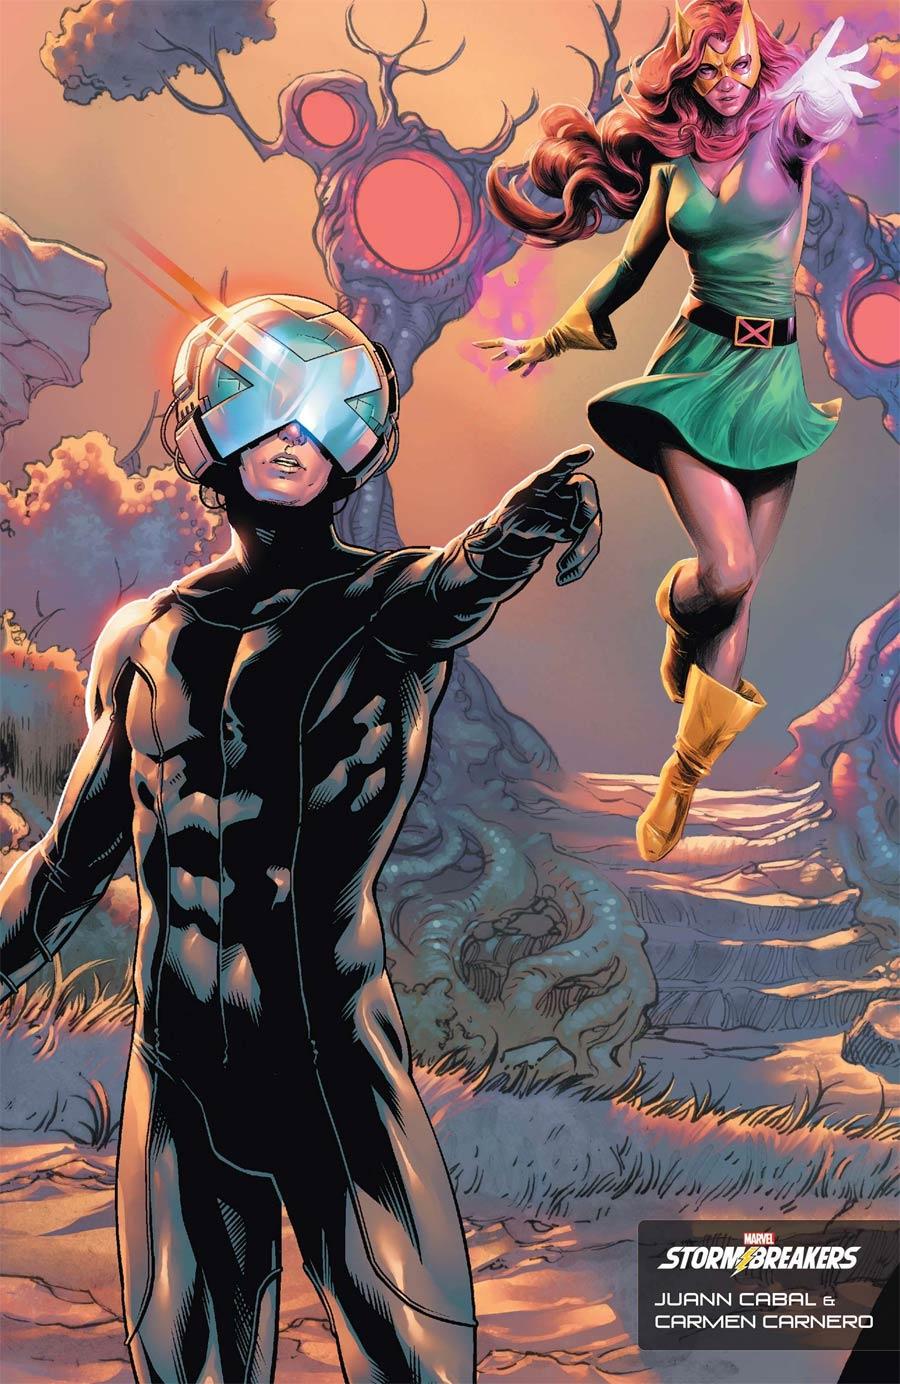 X-Men Vol 6 #1 Cover F Variant Juann Cabal & Carmen Carnero Stormbreakers Cover